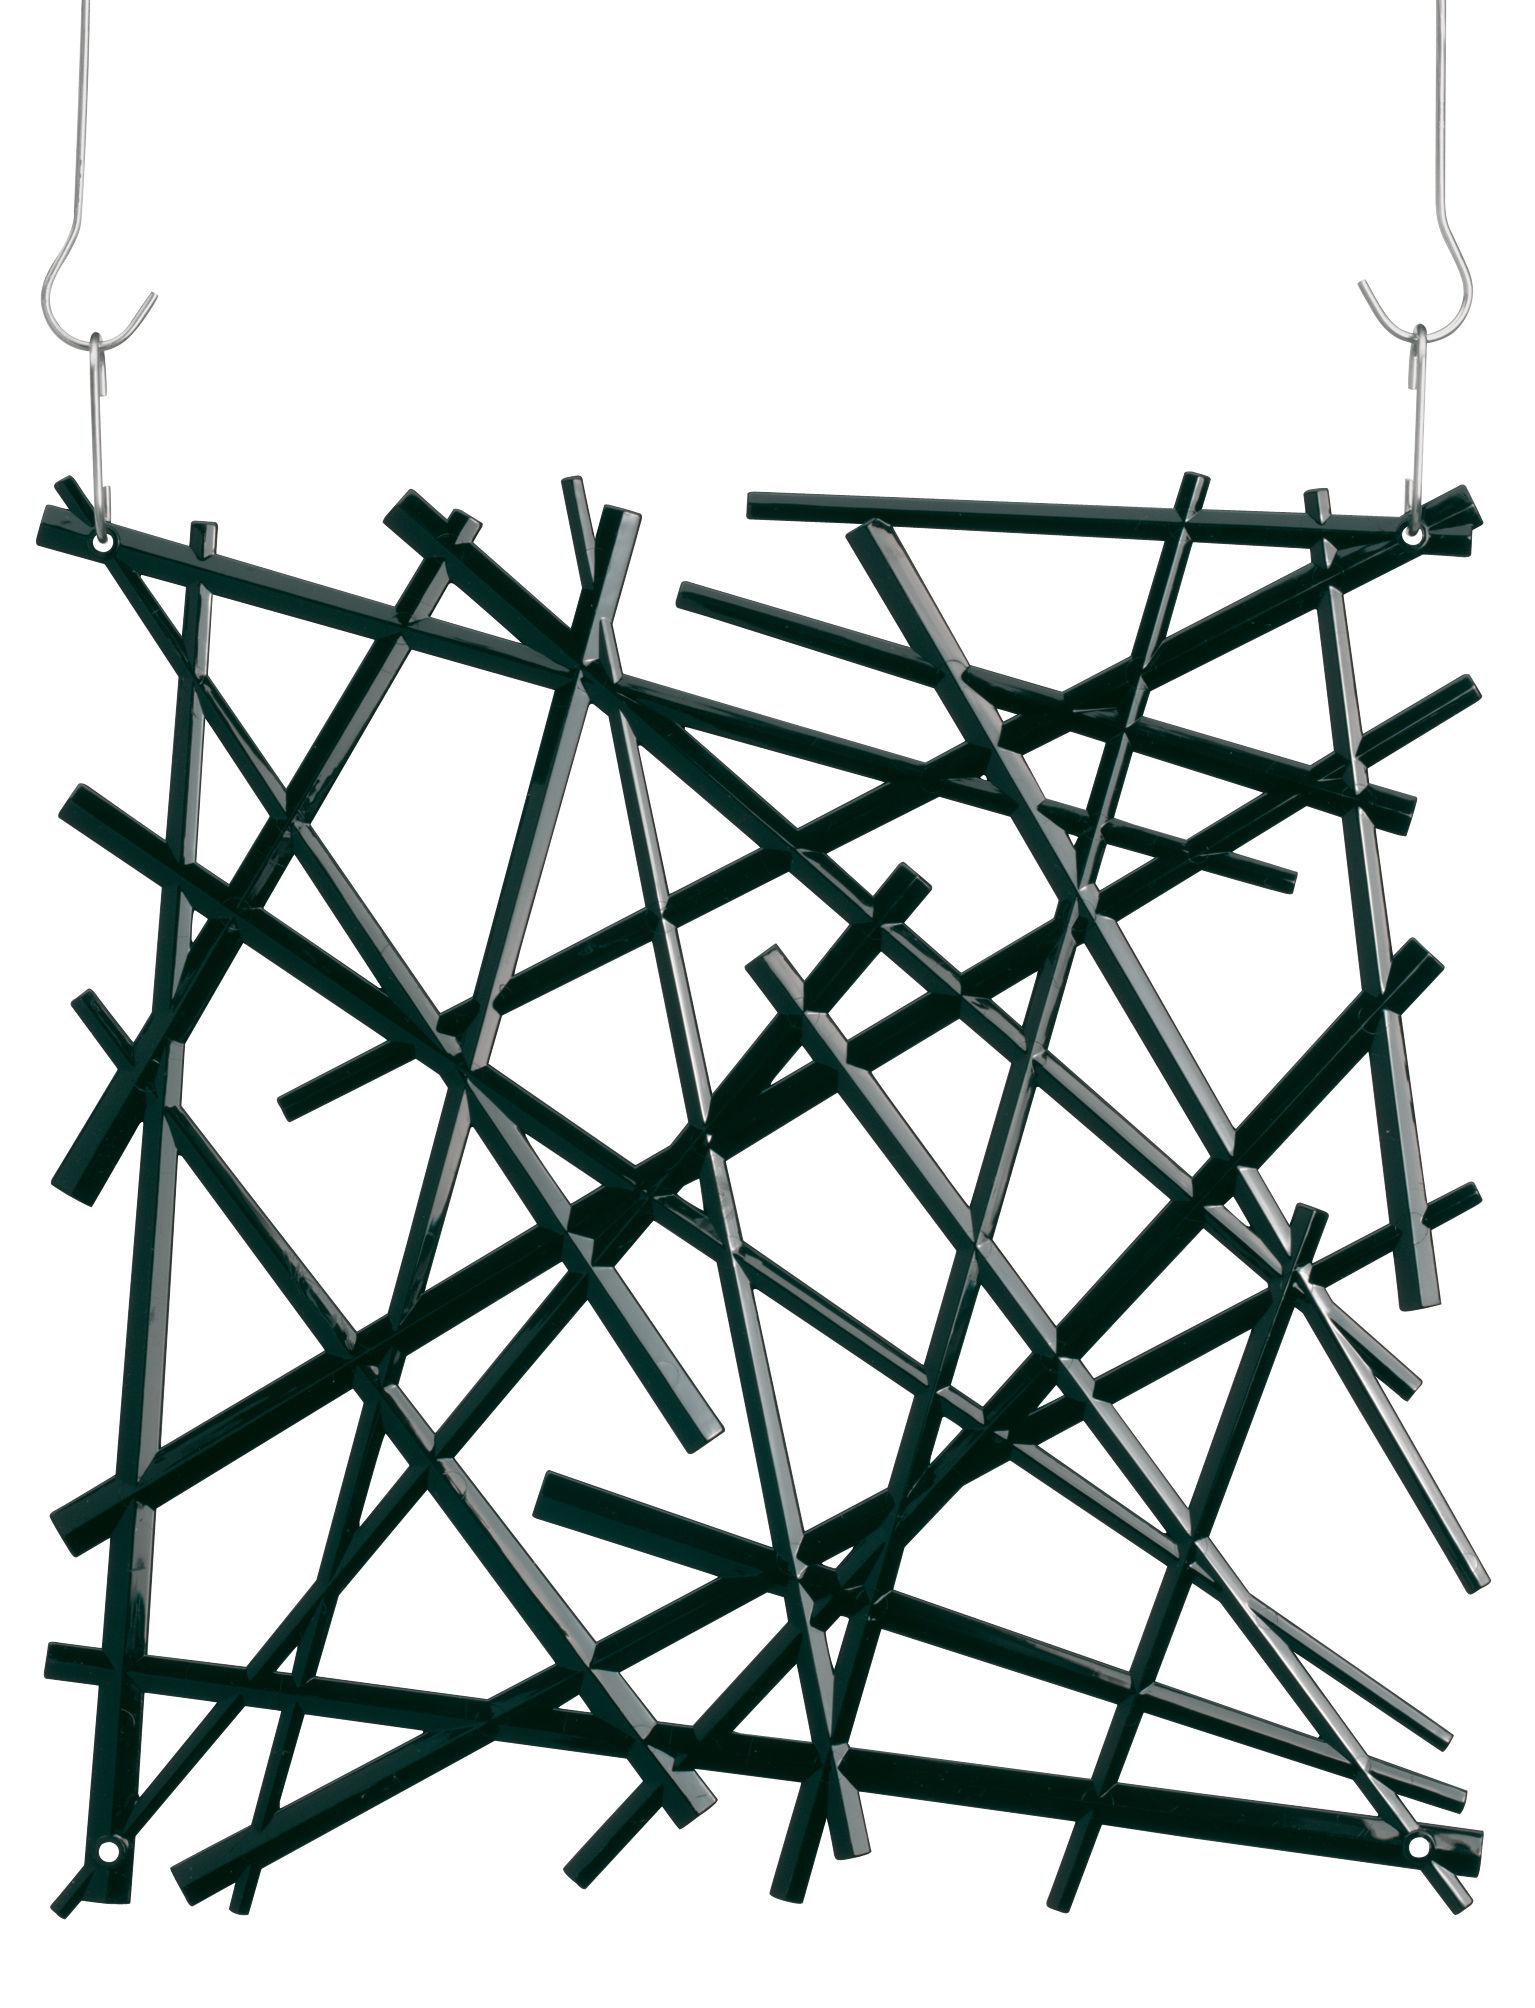 Mobilier - Paravents, séparations - Cloison Stixx / Set de 4 - Crochets inclus - Koziol - Noir opaque - Polycarbonate